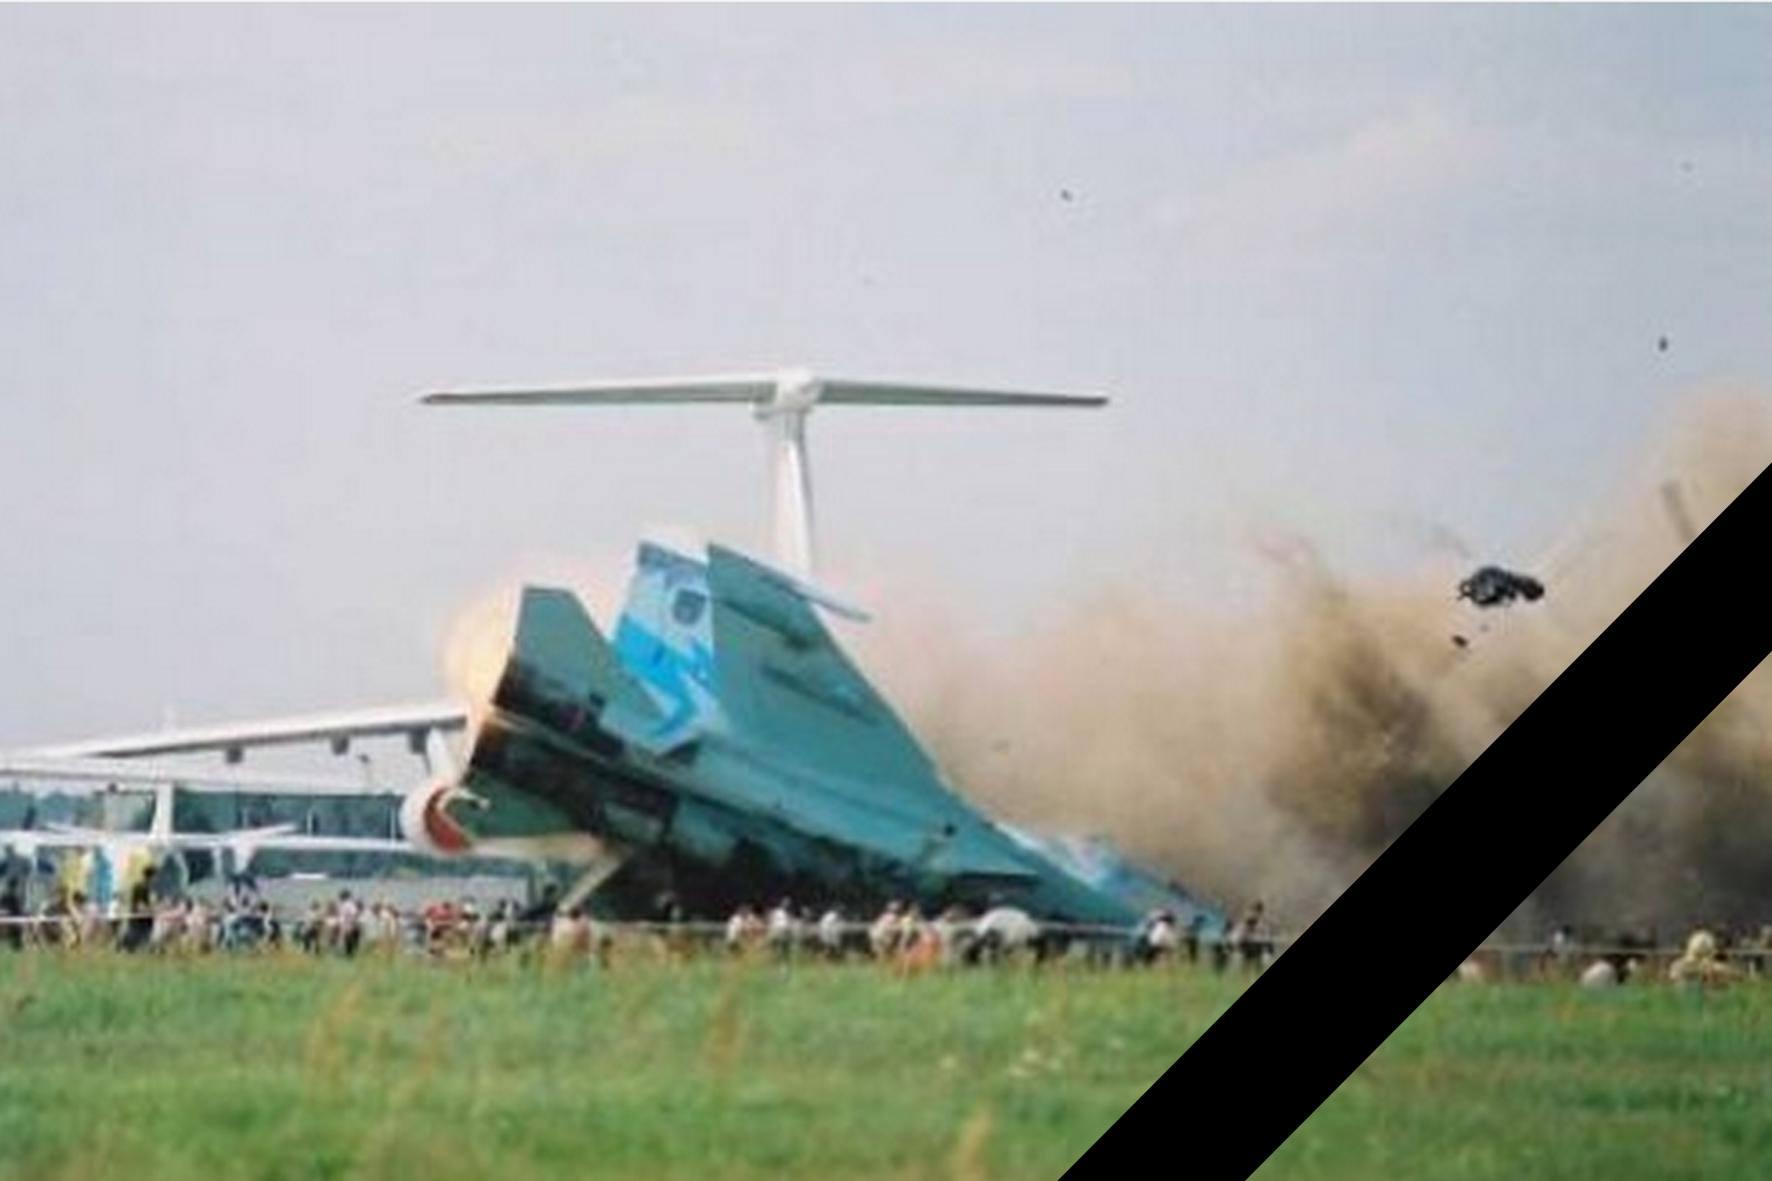 Трагедія яка відбулися в с велика лінина фото 17 фотография